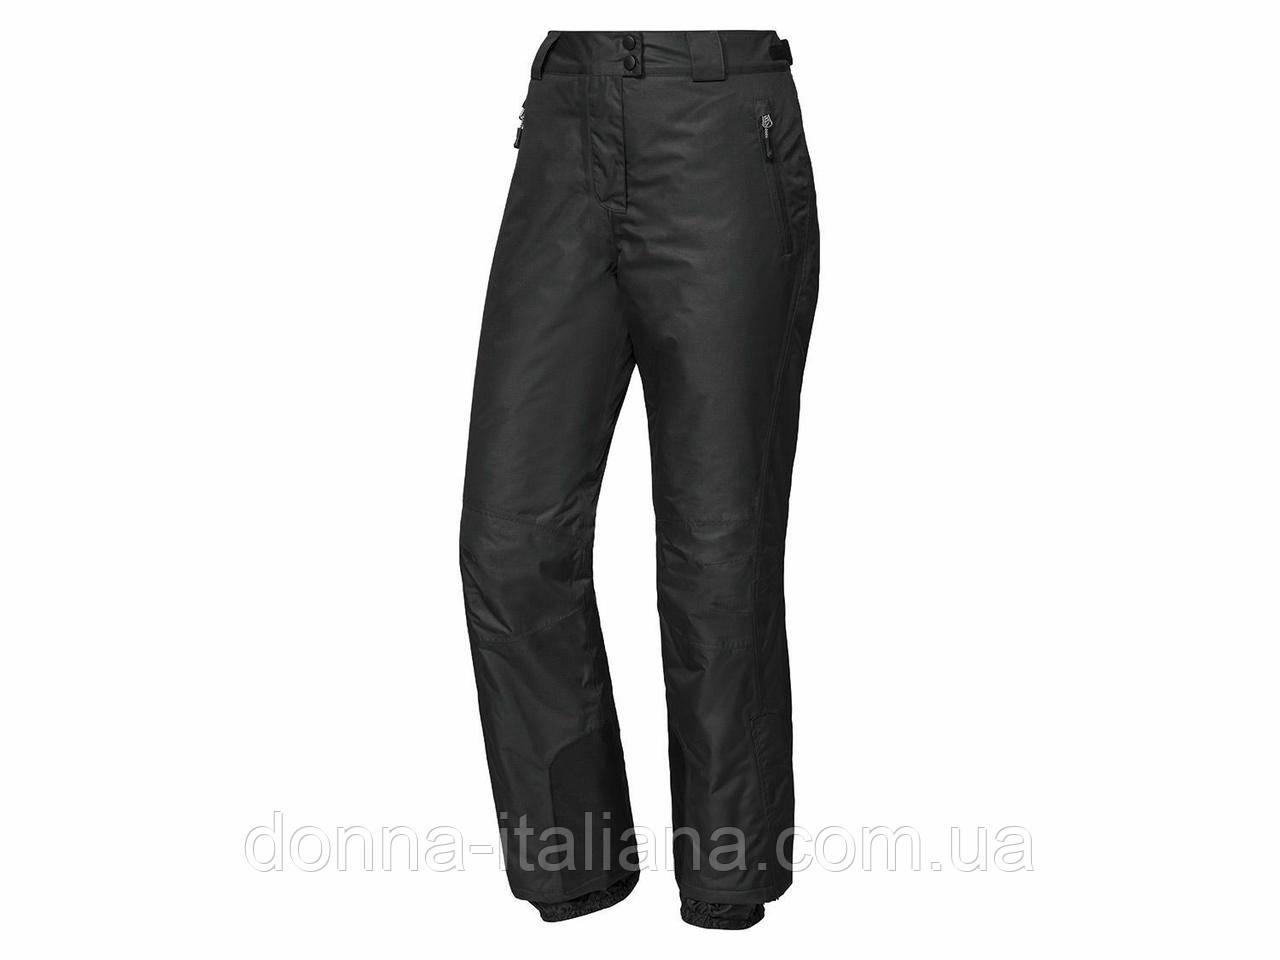 Жіночі лижні штани Crivit - EU44 Чорний (1315528)